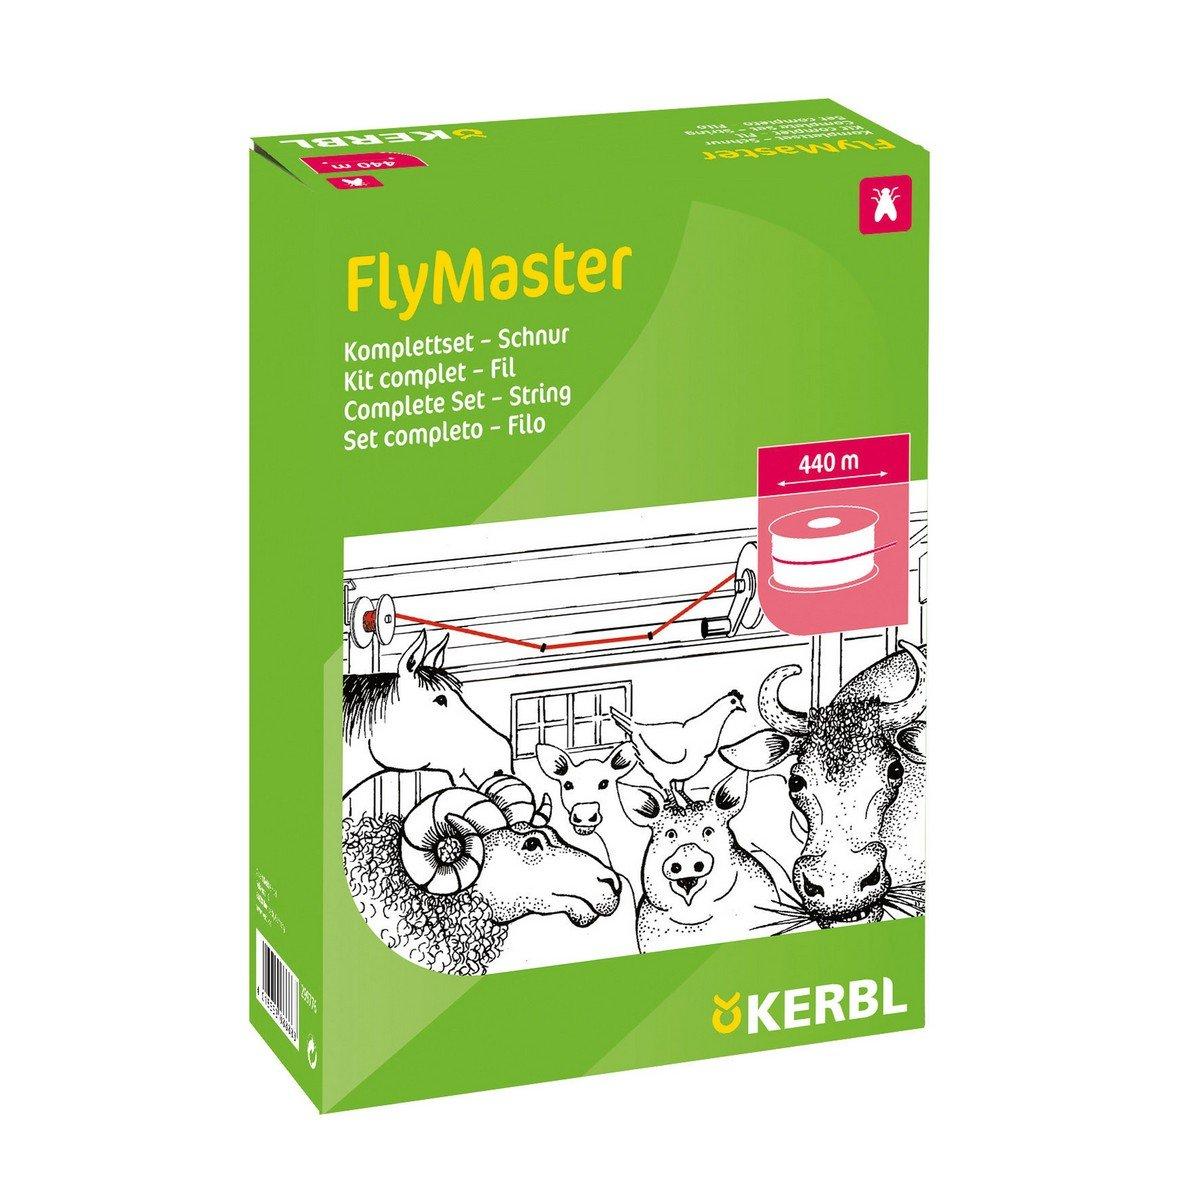 Abbildung von Kerbl Flymaster Fliegenband Komplettset 400m